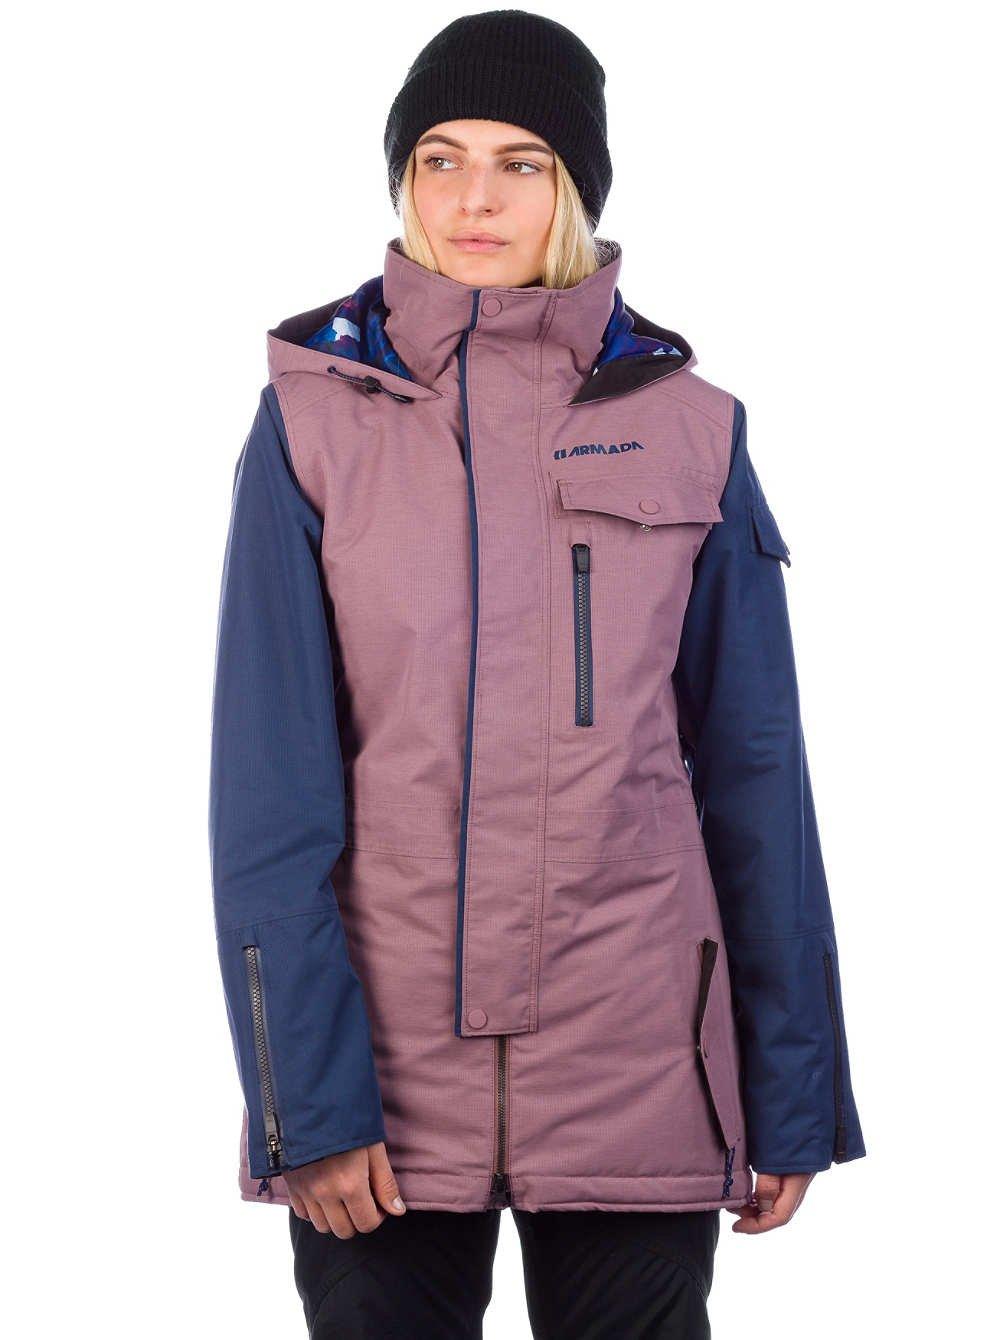 ARMADA - Giacca da Snowboard da Donna Kana Kana Kana GTX Insulated JacketB07DQ2BLXGParent | Il Nuovo Arrivo  | Nuovo mercato  | Garanzia autentica  | Specifica completa  eb160e